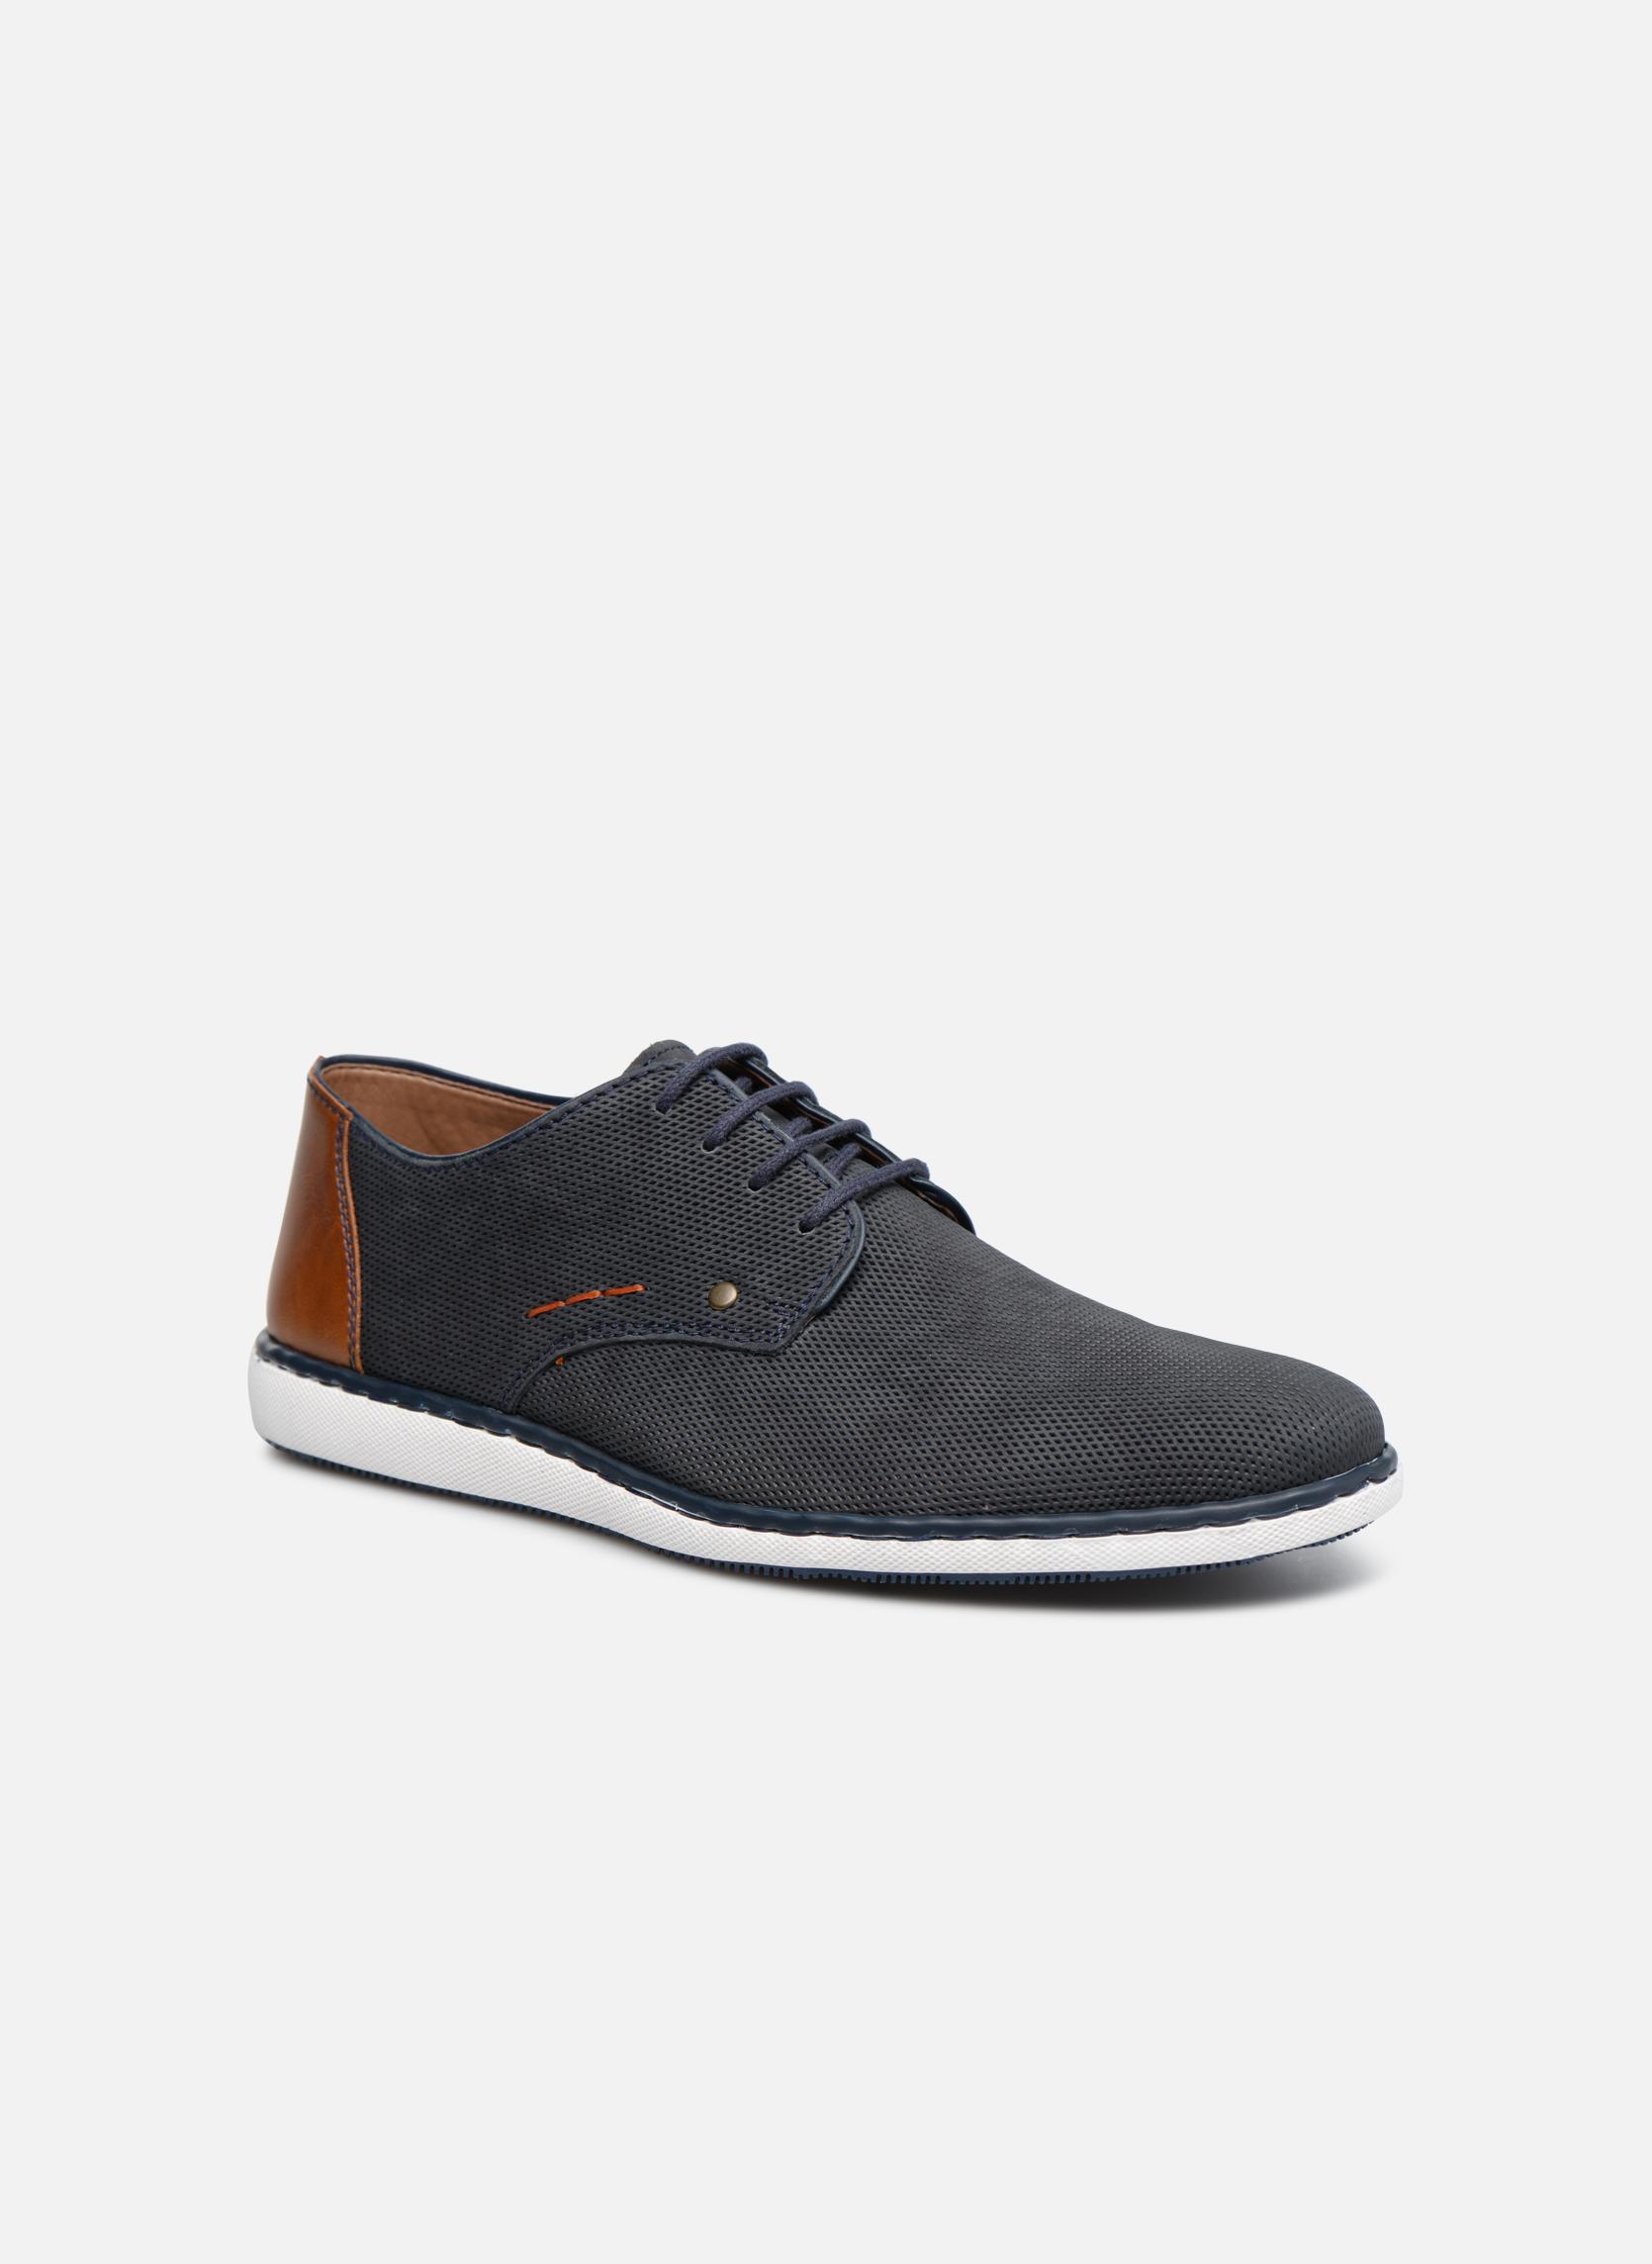 Chaussures à lacets Homme Egbert 17833